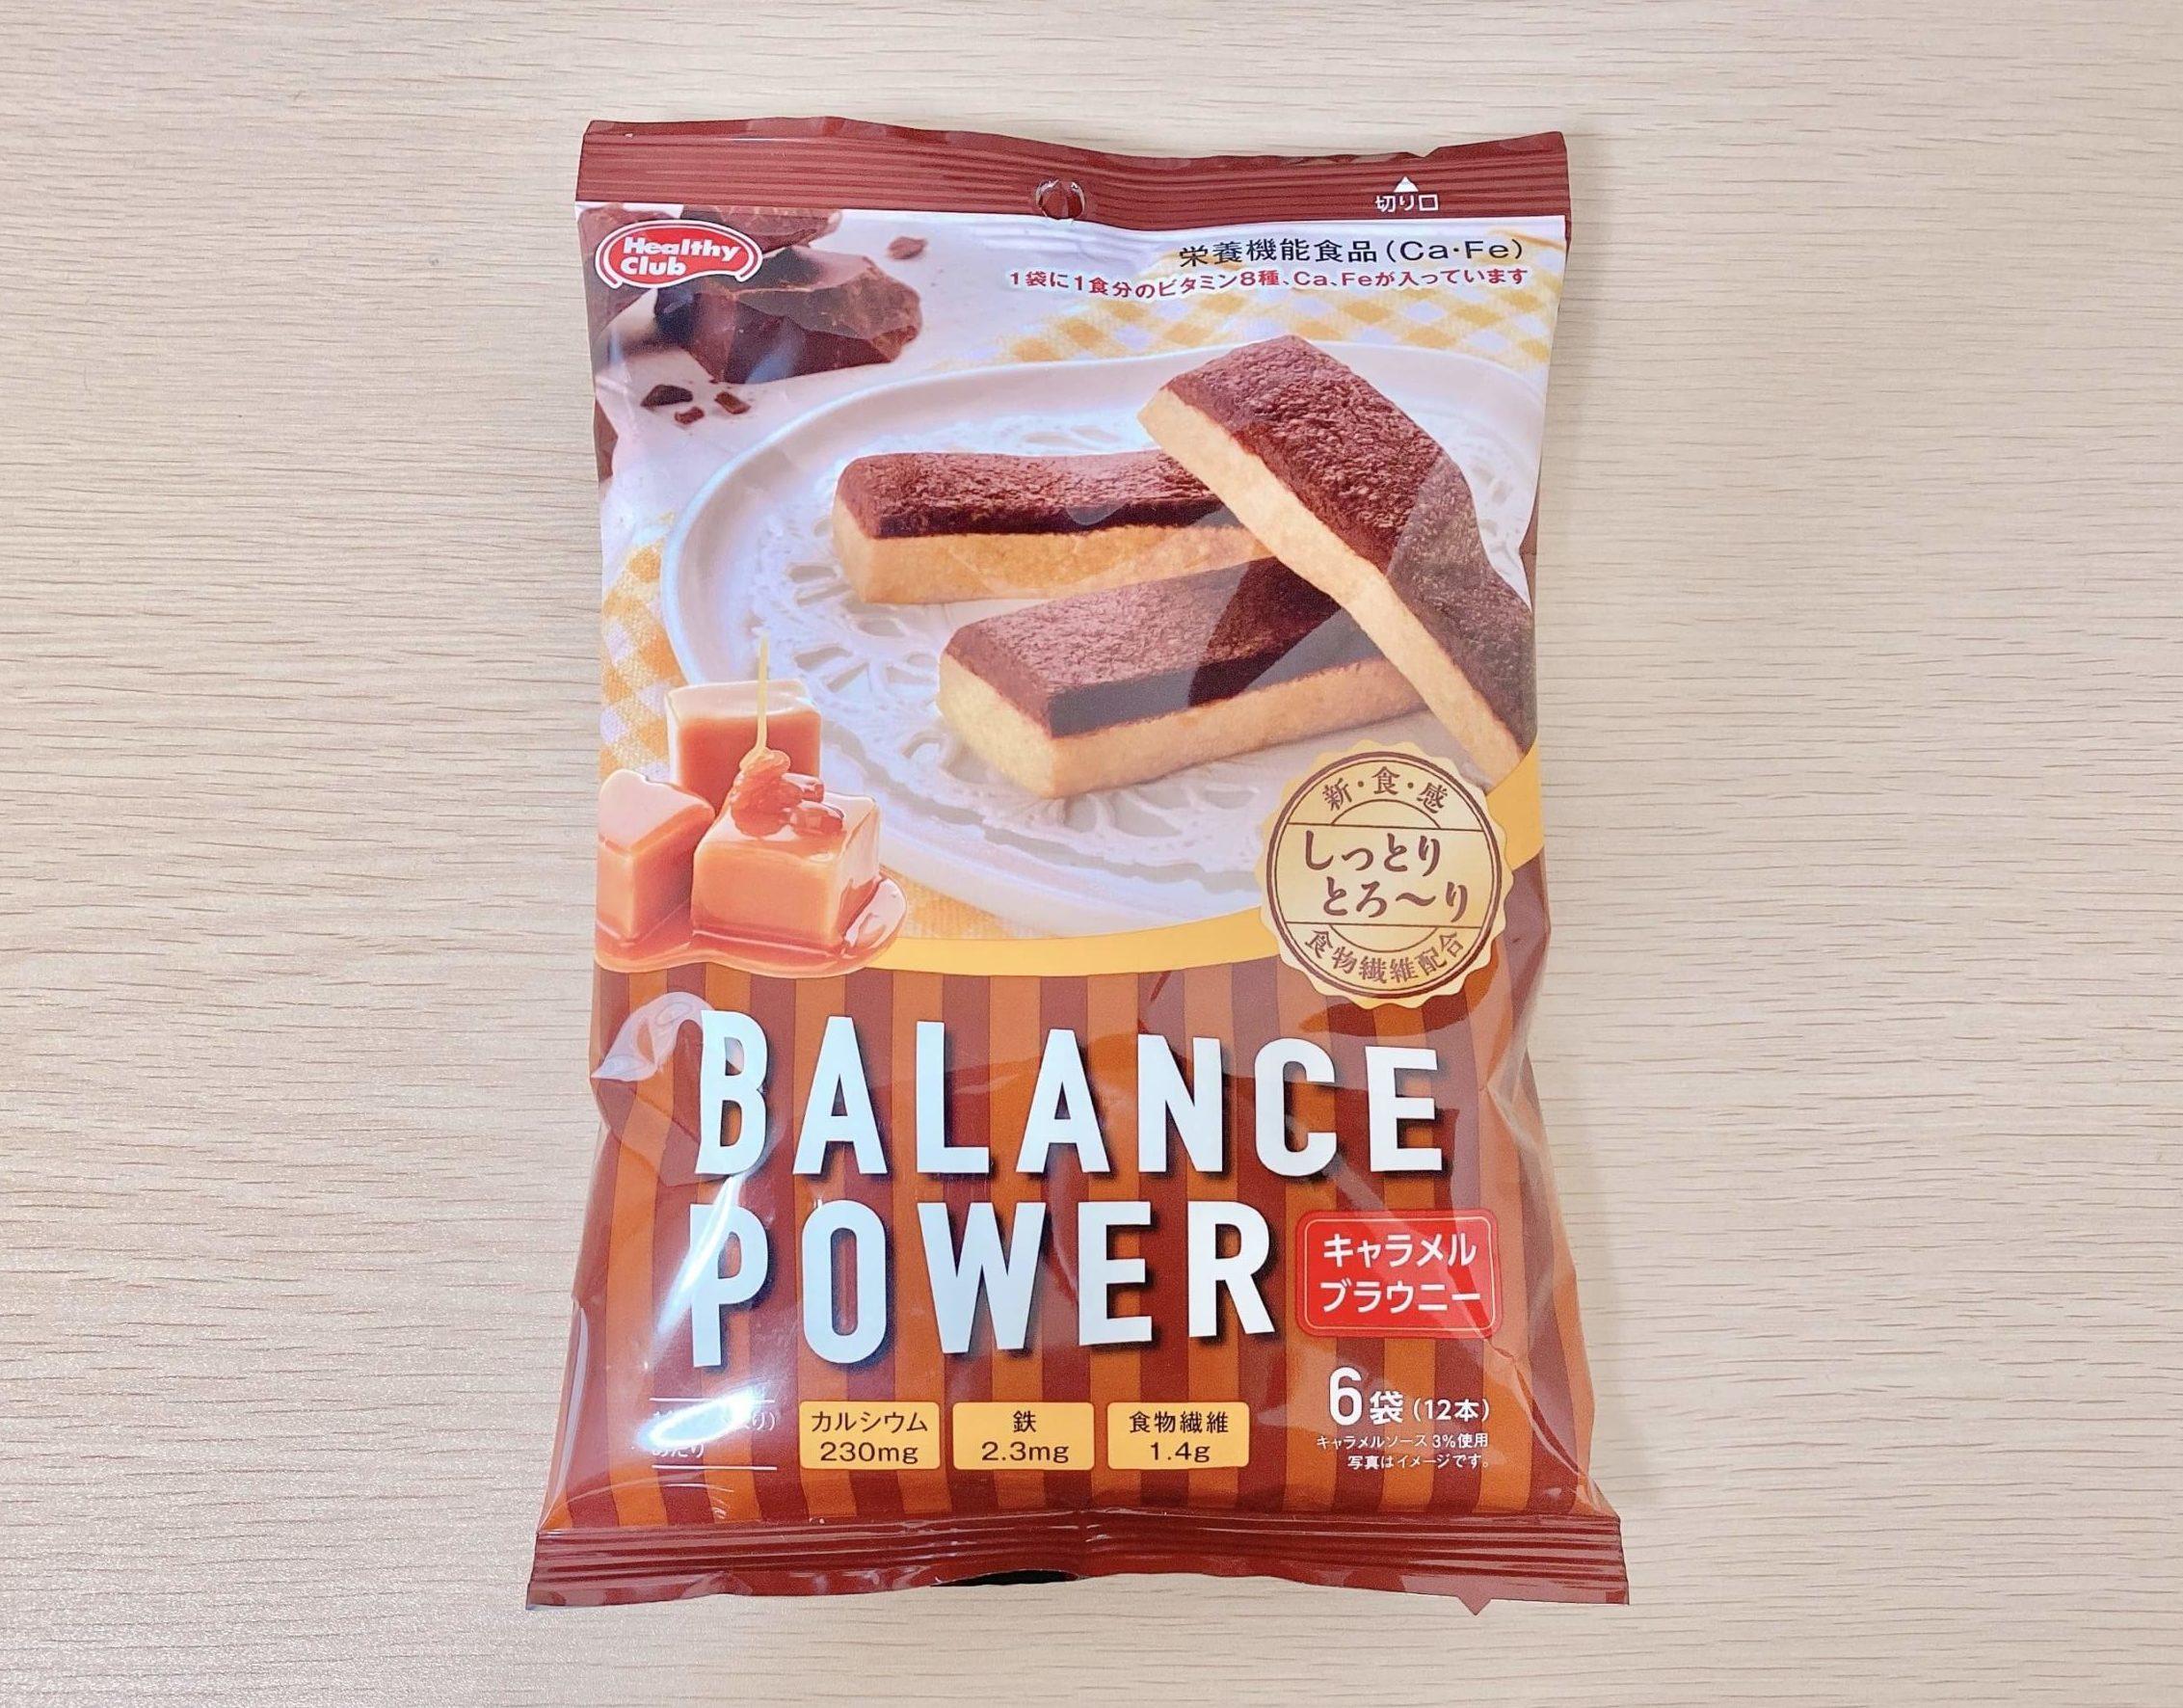 バランスパワーとカロリーメイトを比較